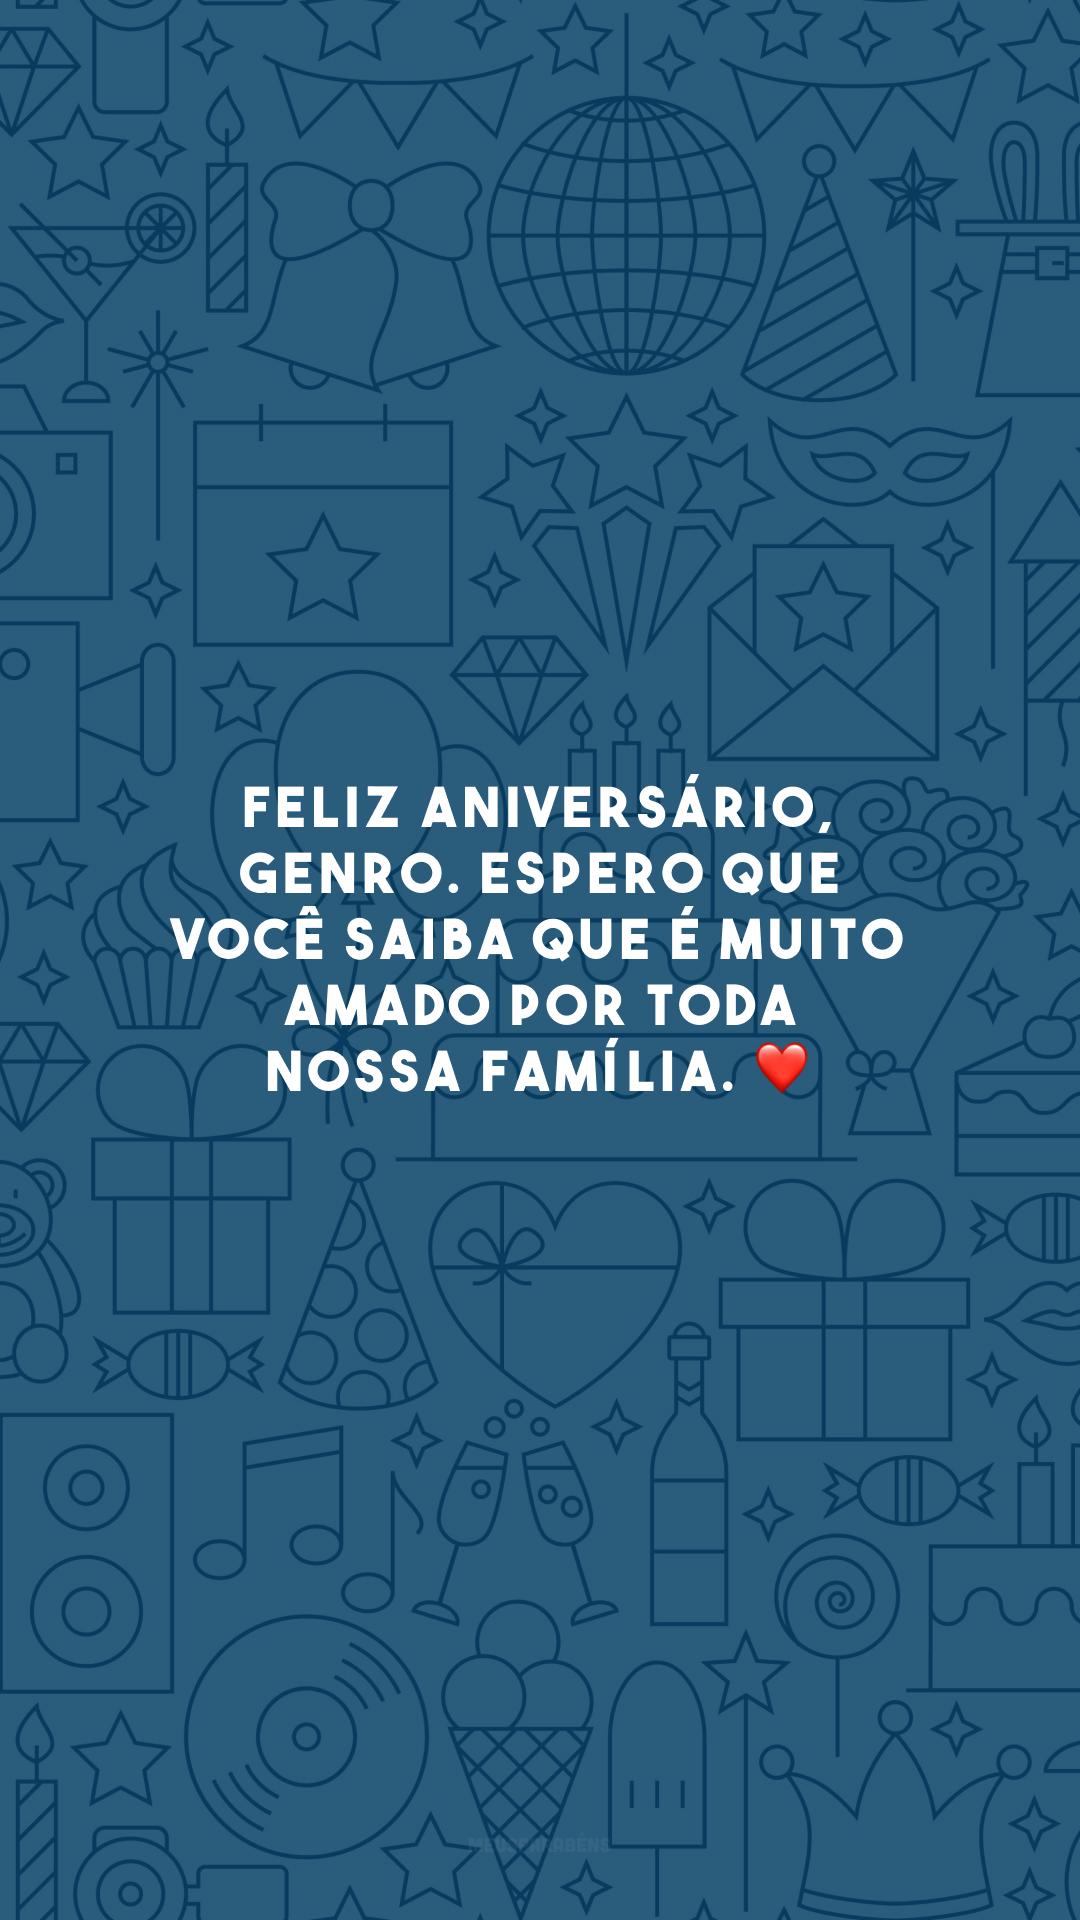 Feliz aniversário, genro. Espero que você saiba que é muito amado por toda nossa família. ❤️